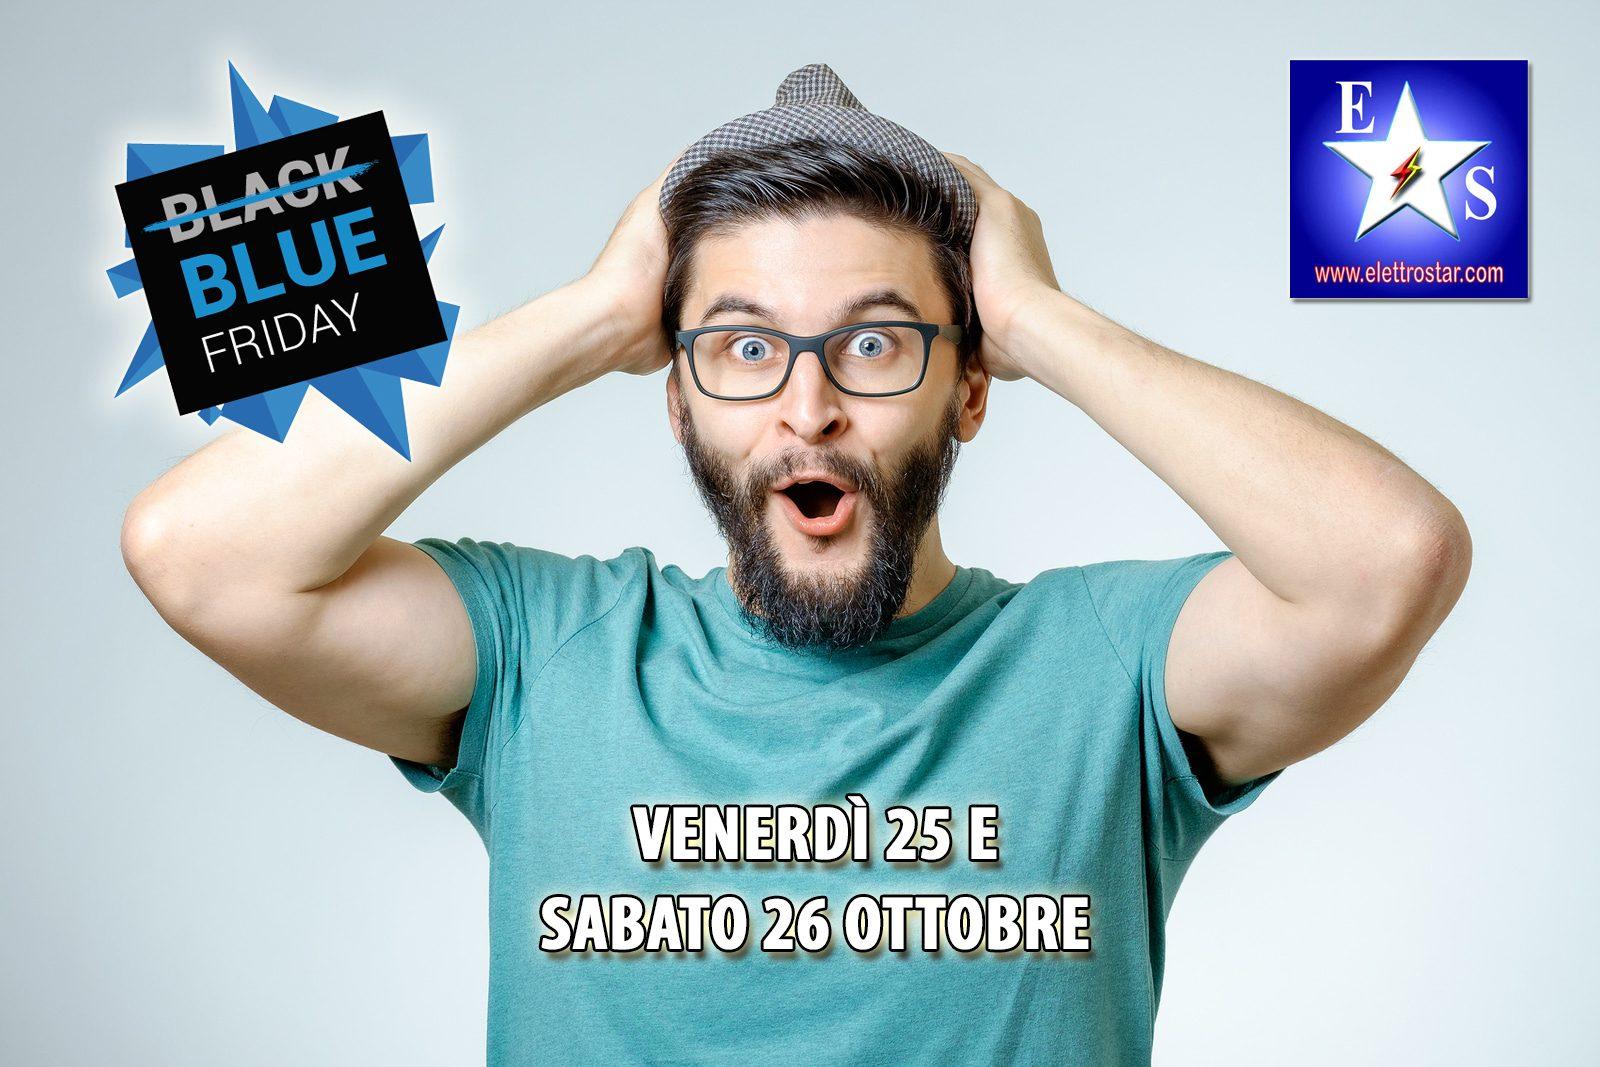 Le Offerte Sky Al 50 Per Il Blue Friday Di Elettro Star